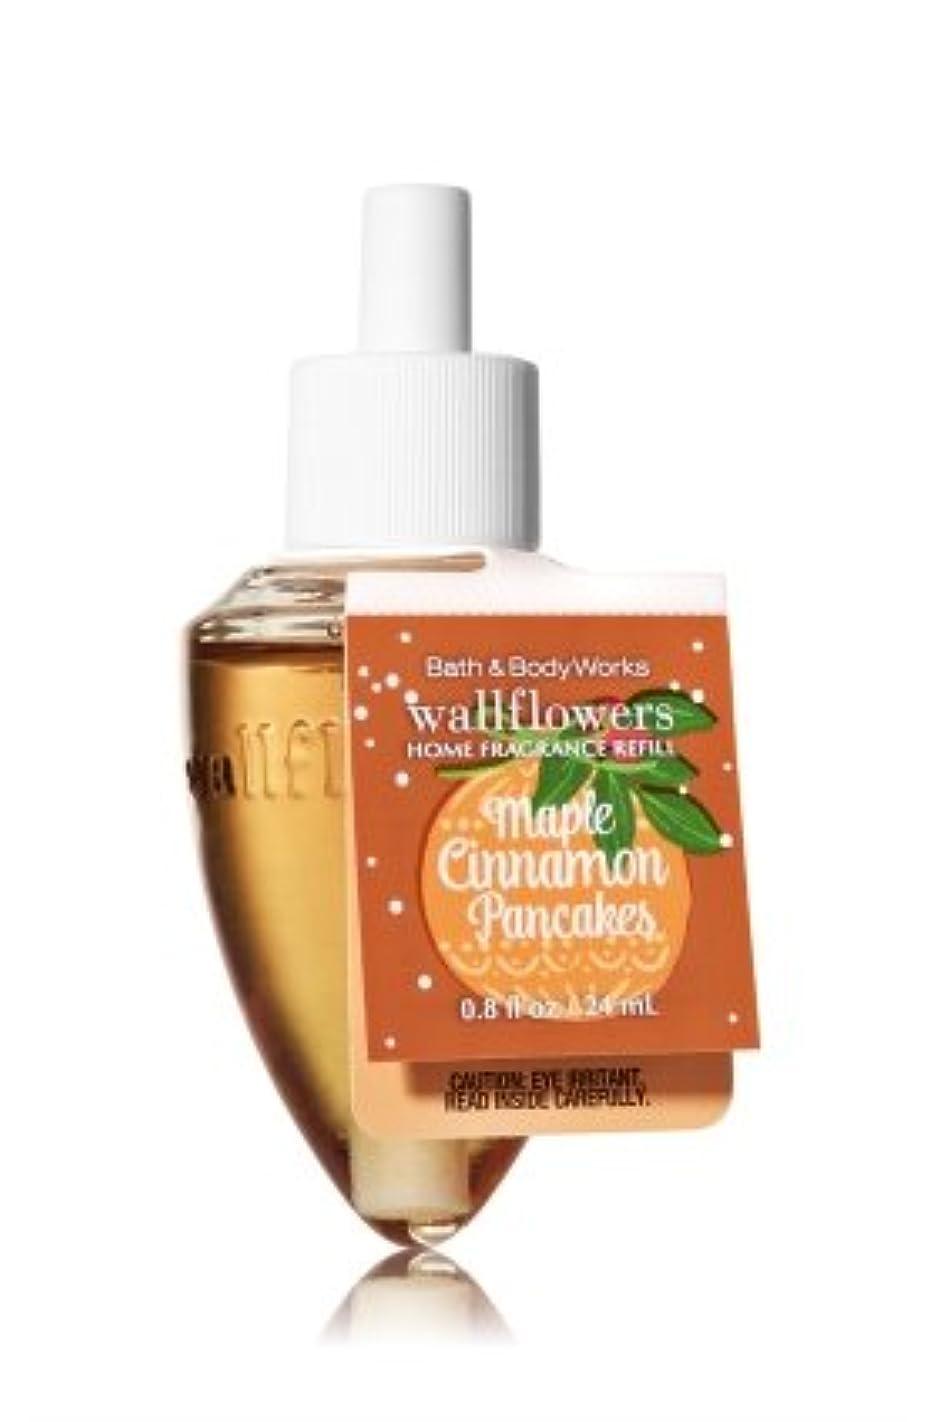 異常時系列データム【Bath&Body Works/バス&ボディワークス】 ルームフレグランス 詰替えリフィル メープルシナモンパンケーキ Wallflowers Home Fragrance Refill Maple Cinnamon Pancakes [並行輸入品]